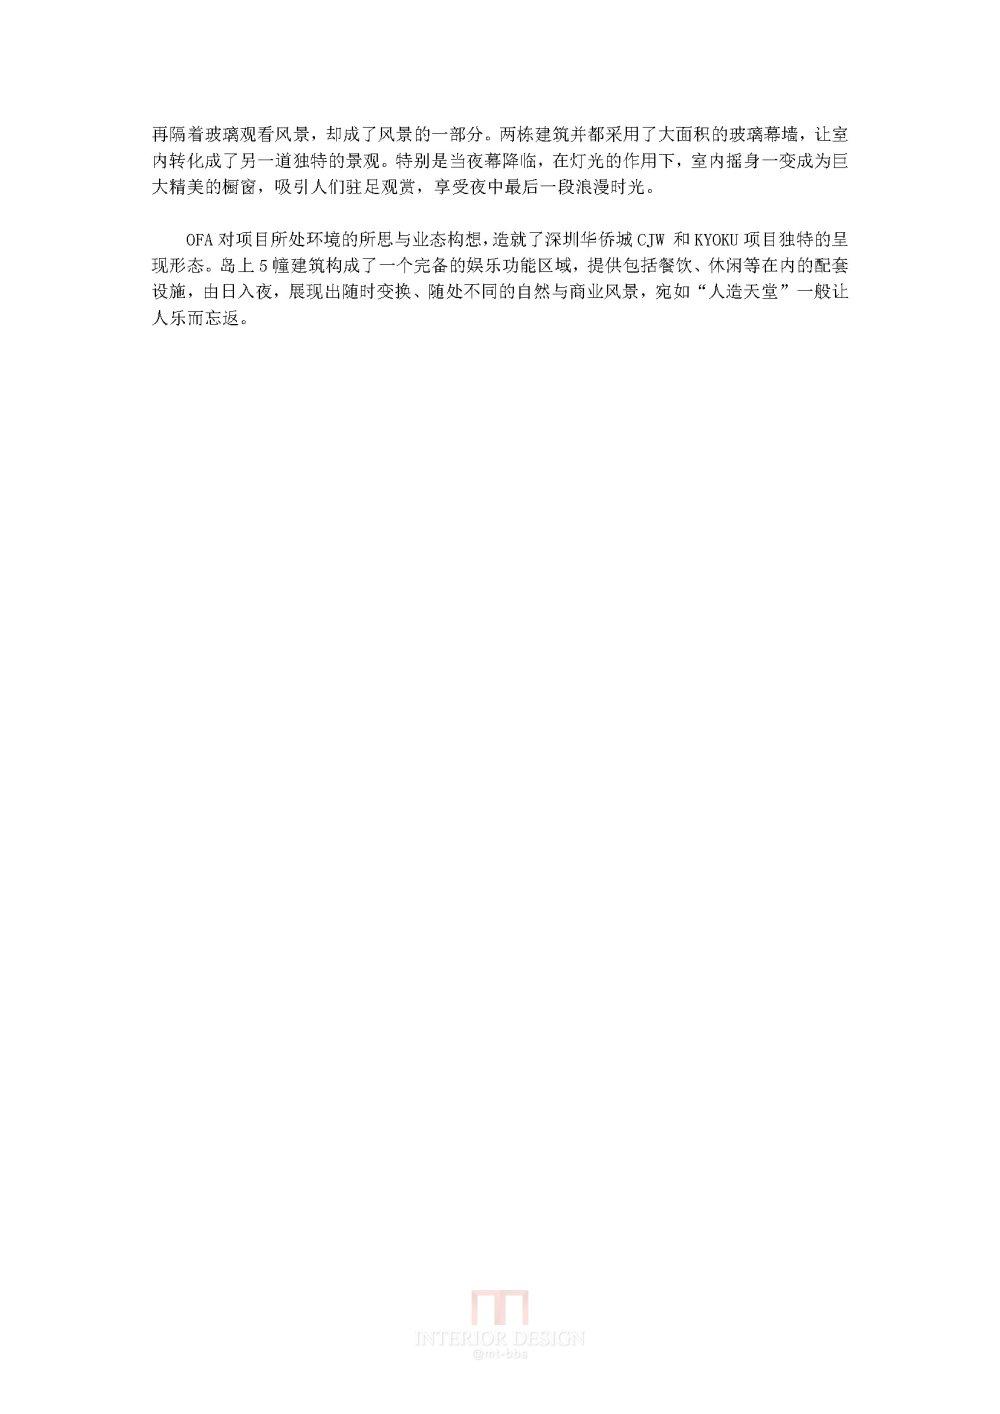 OFA飞形--深圳CJW+&+KYOKU+Japanese+Cuisine_慢_时光——深圳CJW & KYOKU Japanese Cuisine_页面_2.jpg